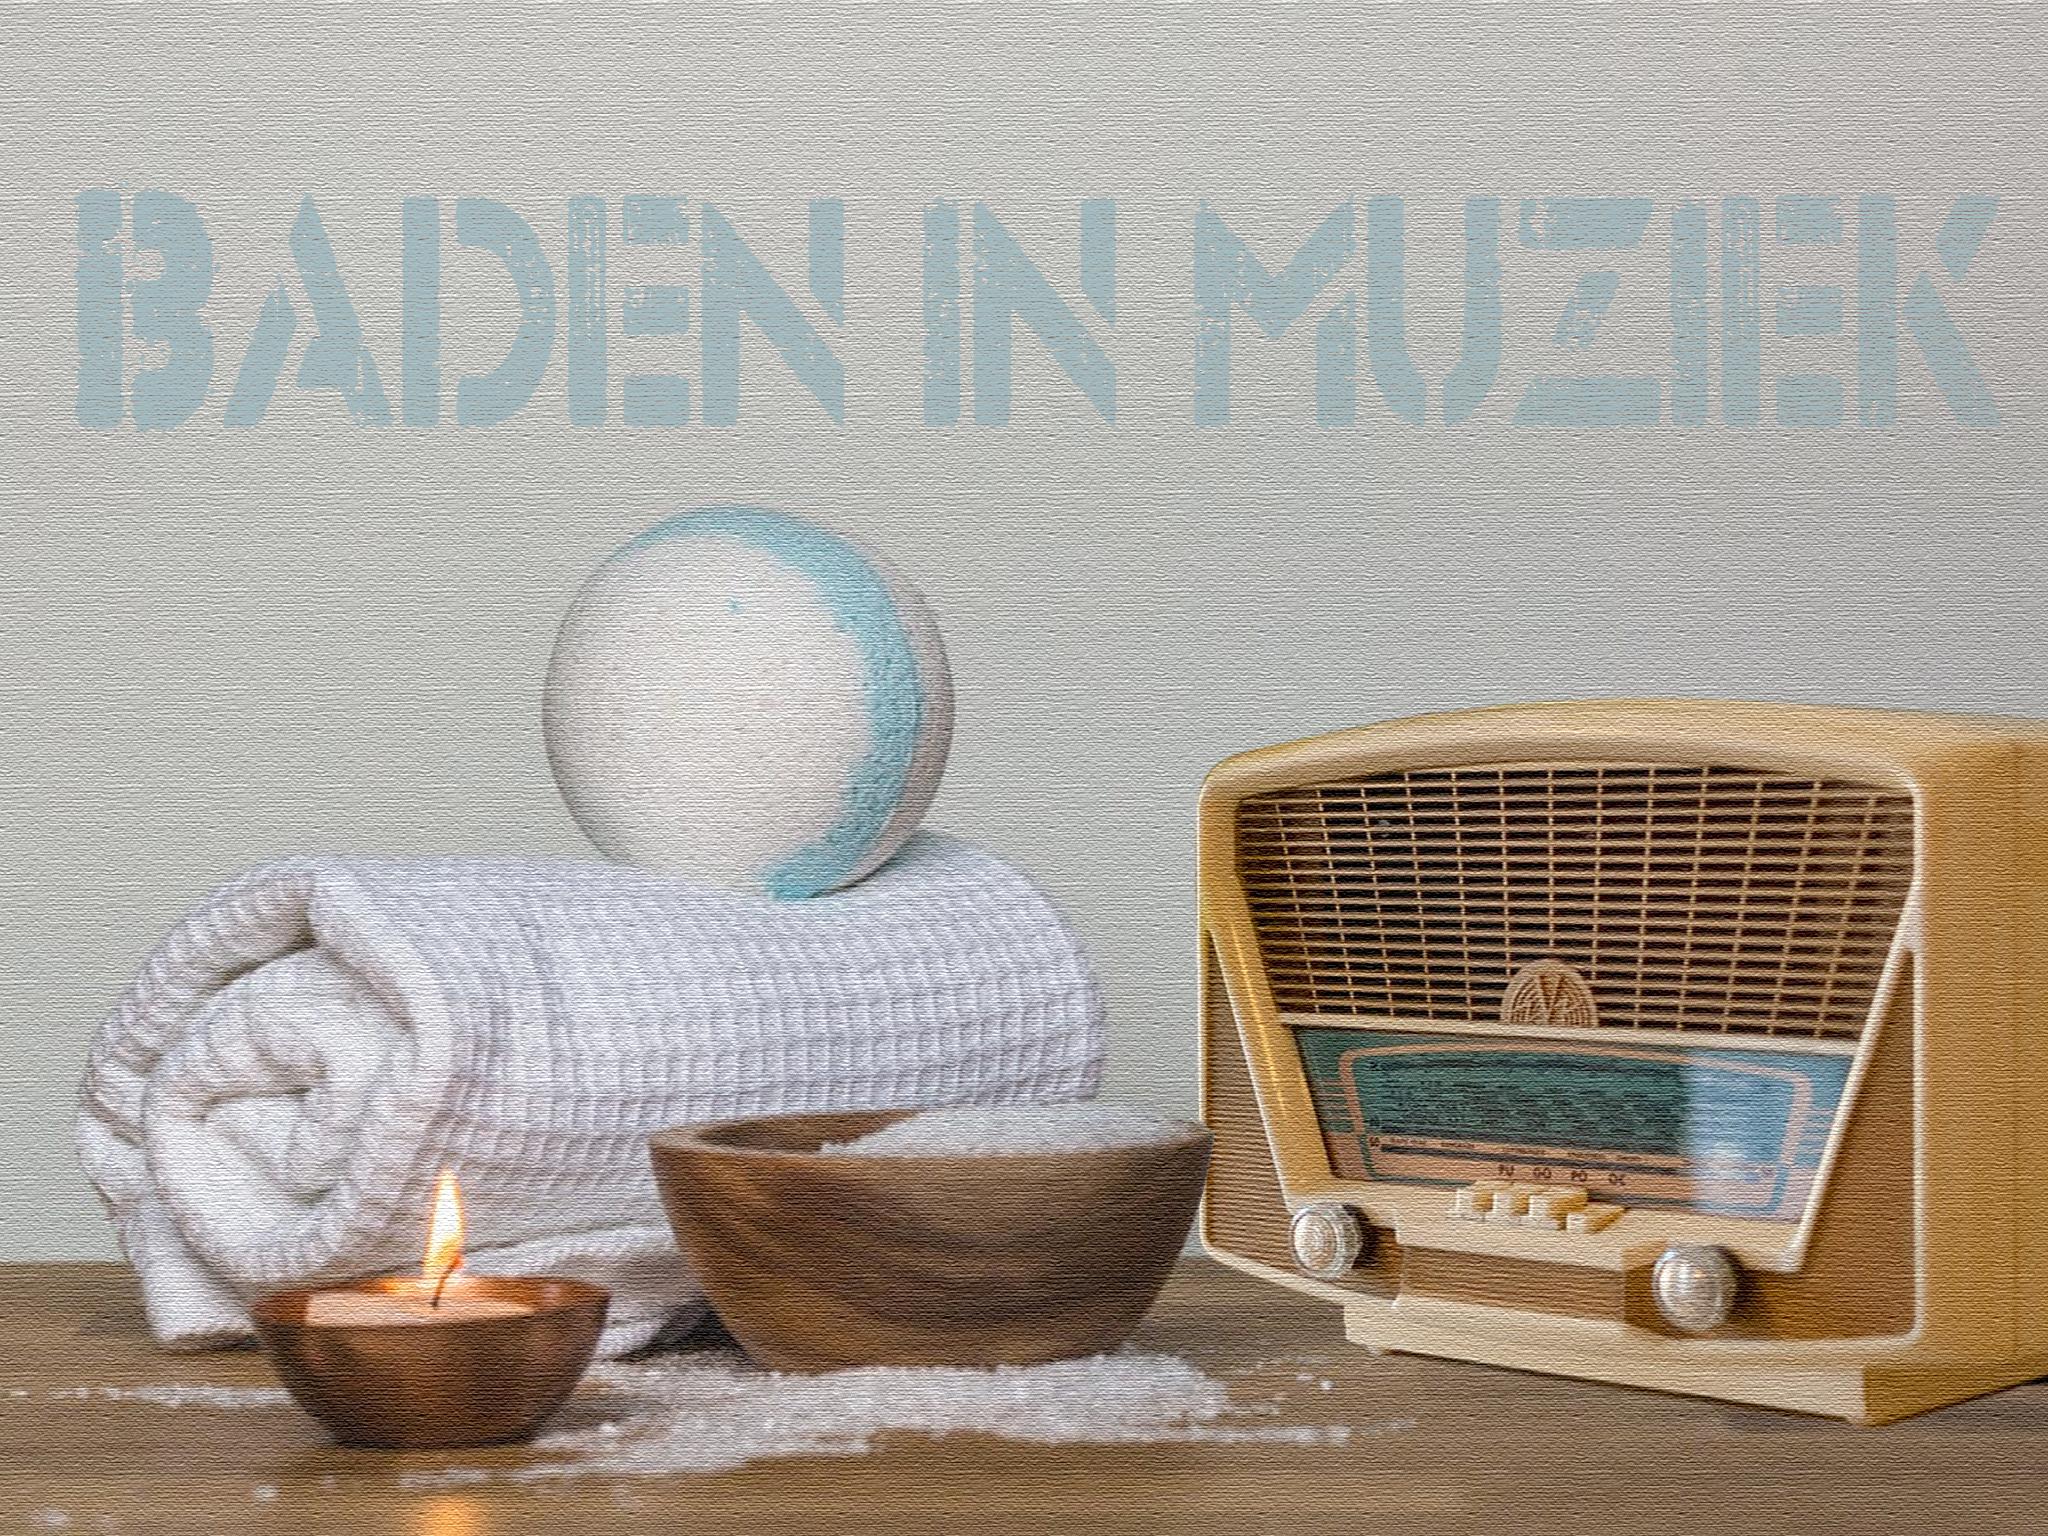 Baden in muziek